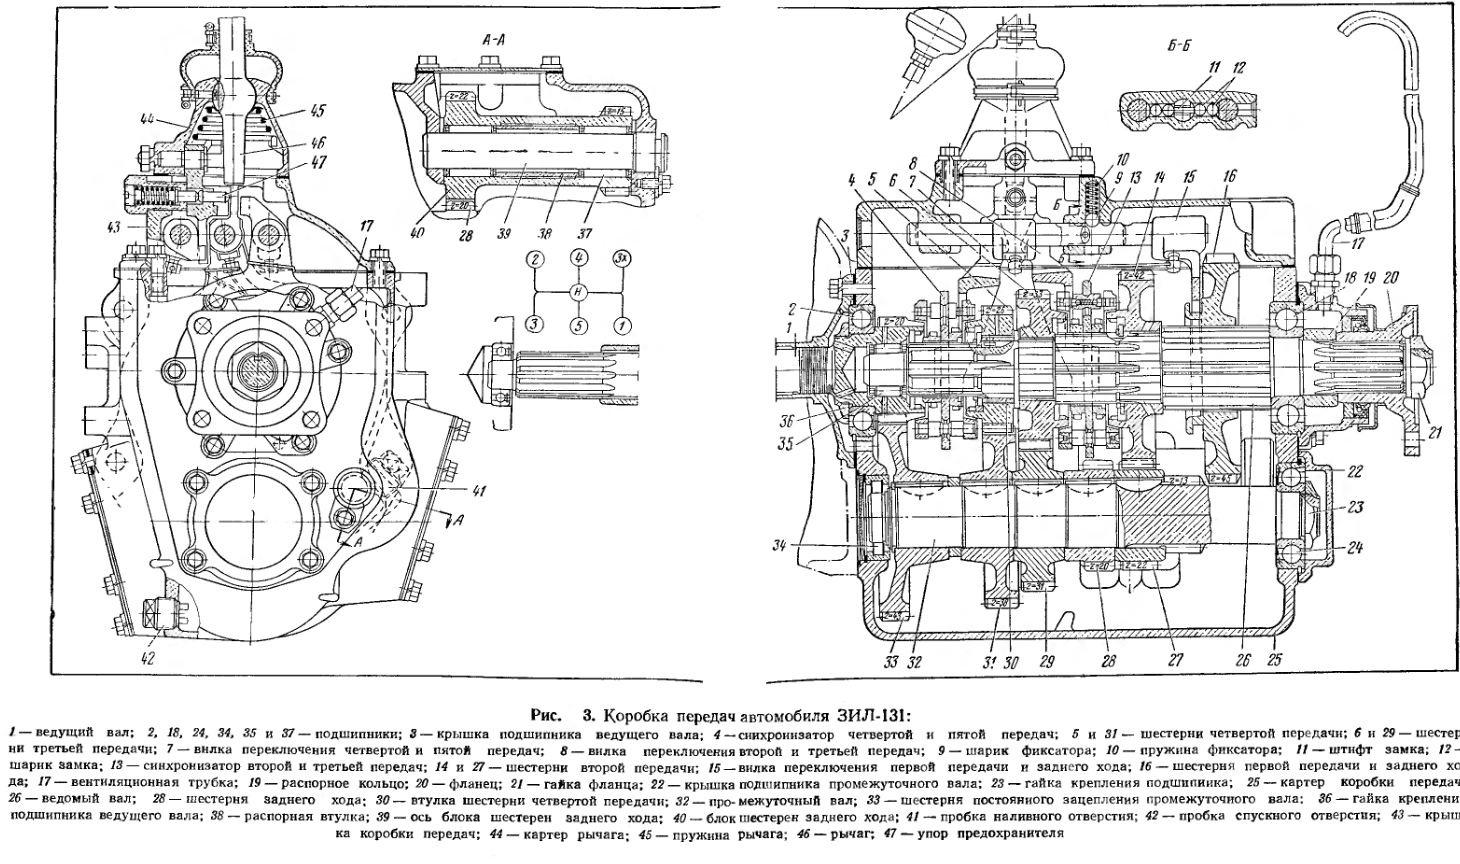 трансмиссии зил-130 схема автомобиля